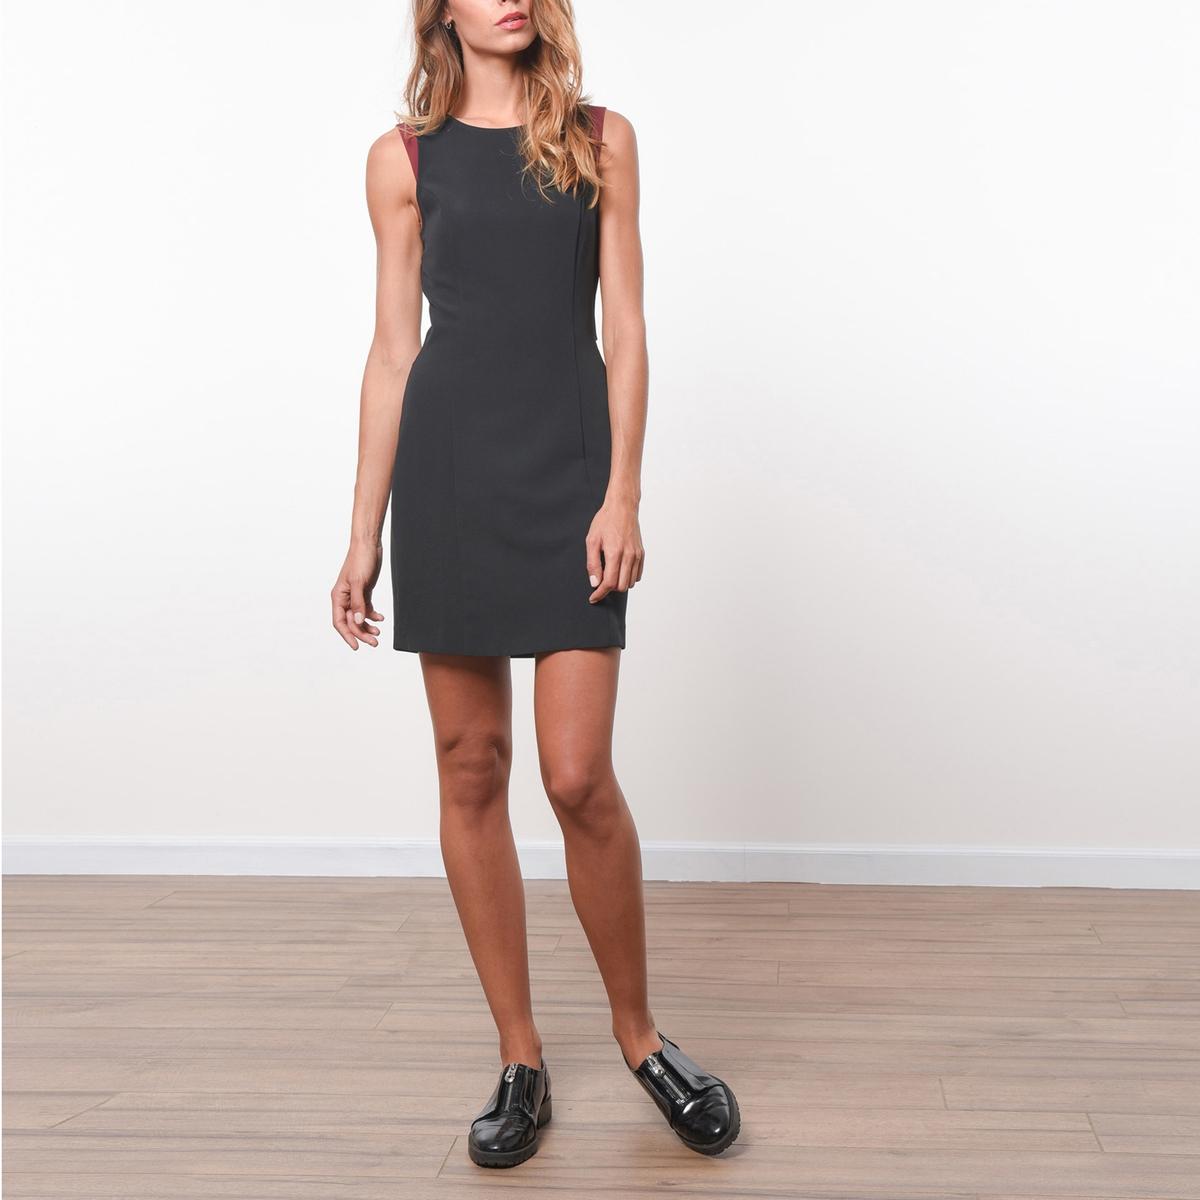 Платье без рукавов с перекрестным вырезом сзадиПлатье JOE RETRO. Круглый вырез.                          Состав и описание :Материал            90% полиэстера, 10% эластана             Марка            JOE RETRO                          Уход: :             Следуйте рекомендациям по уходу, указанным на этикетке изделия.<br><br>Цвет: черный<br>Размер: XL